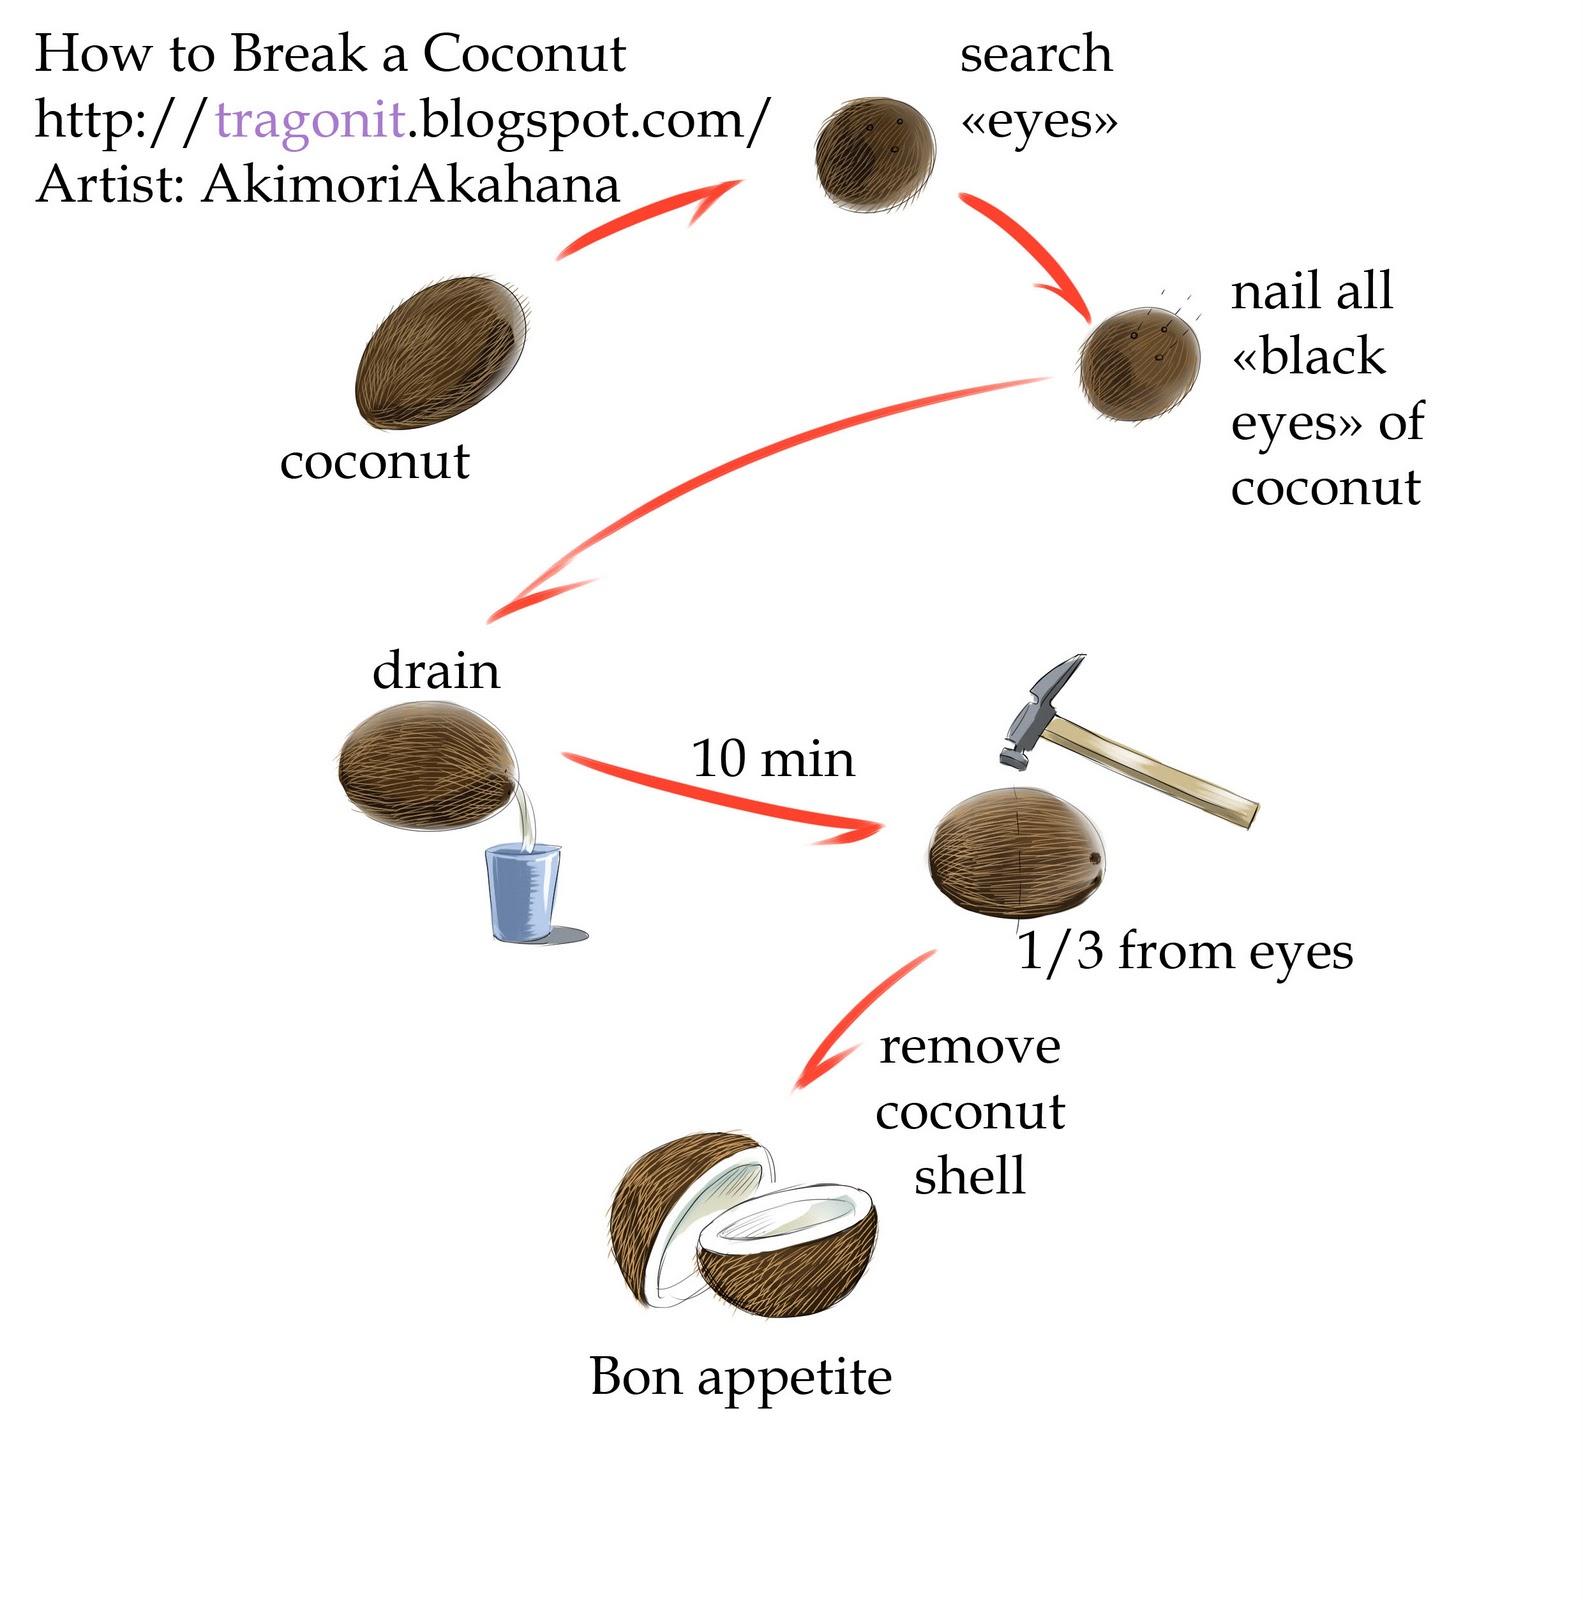 Как расколоть кокос в домашних условиях: инструкция 71